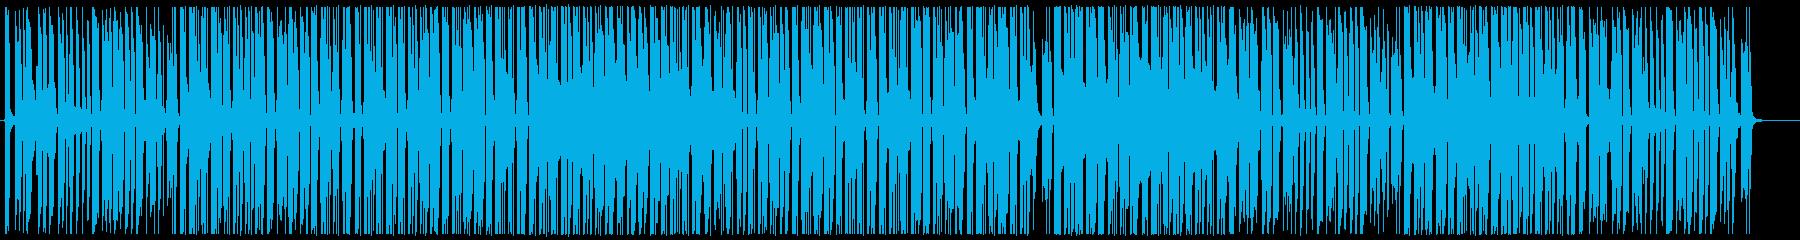 お洒落なピアノヒップホップの再生済みの波形